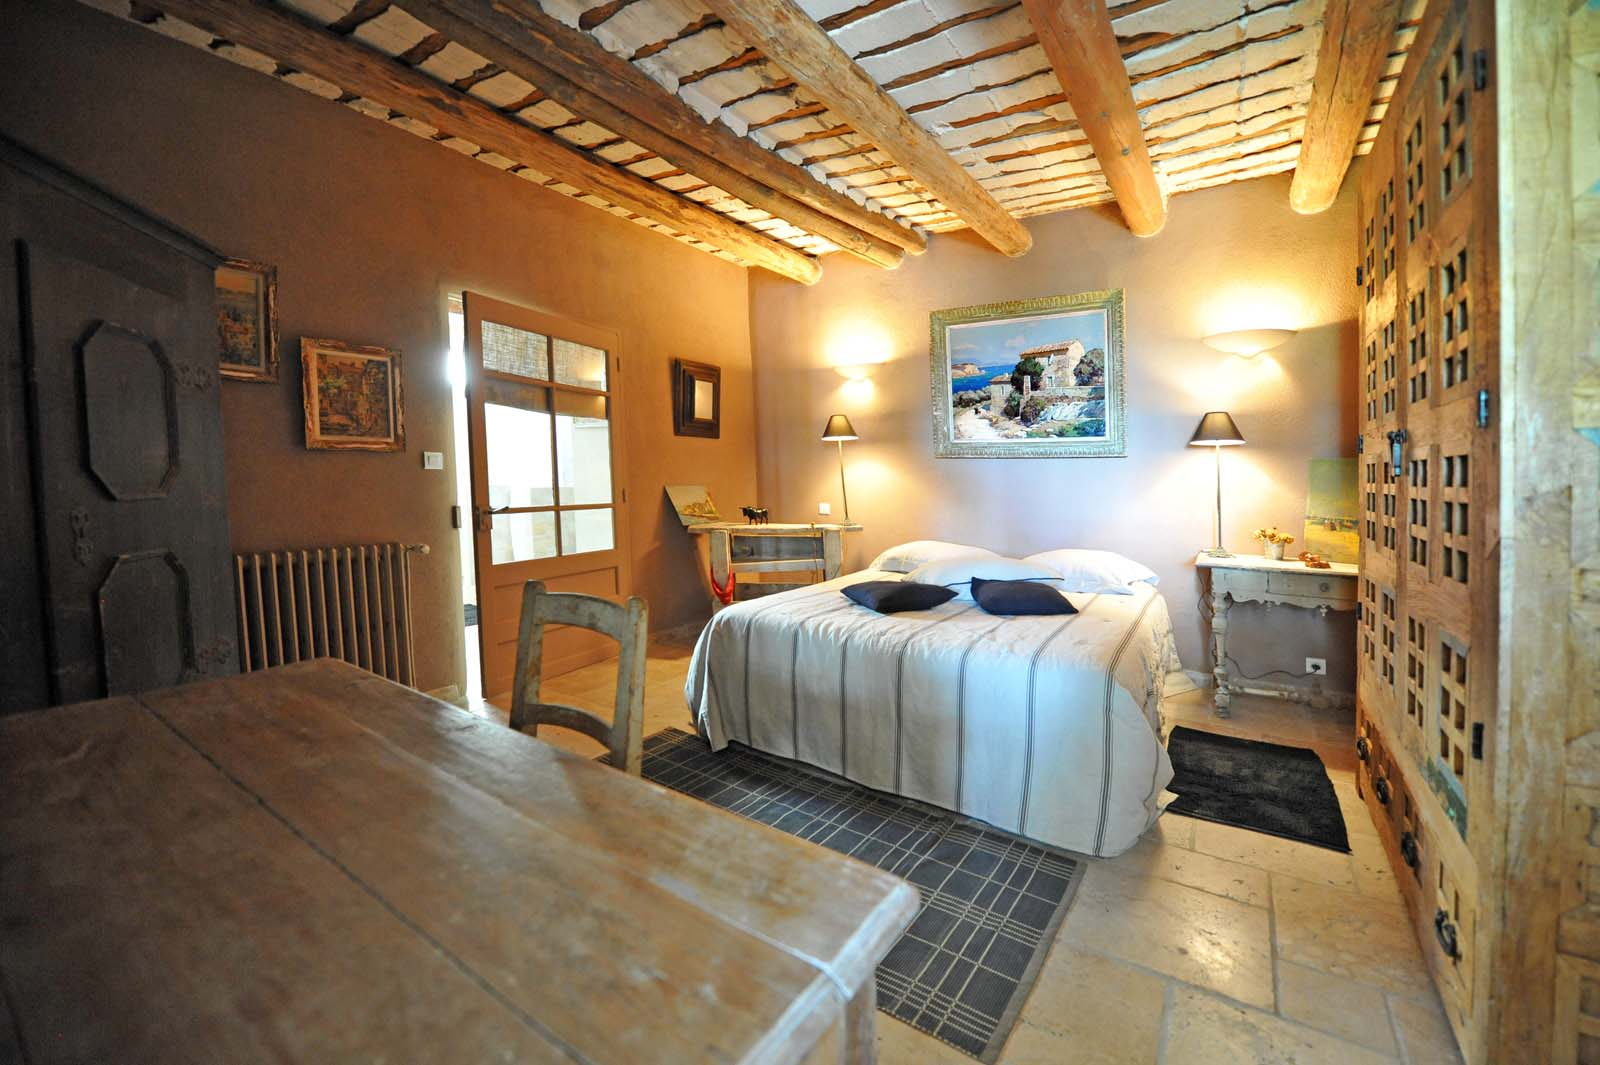 Proche Mont Ventoux,  ancienne propriété viticole à vendre avec dépendances